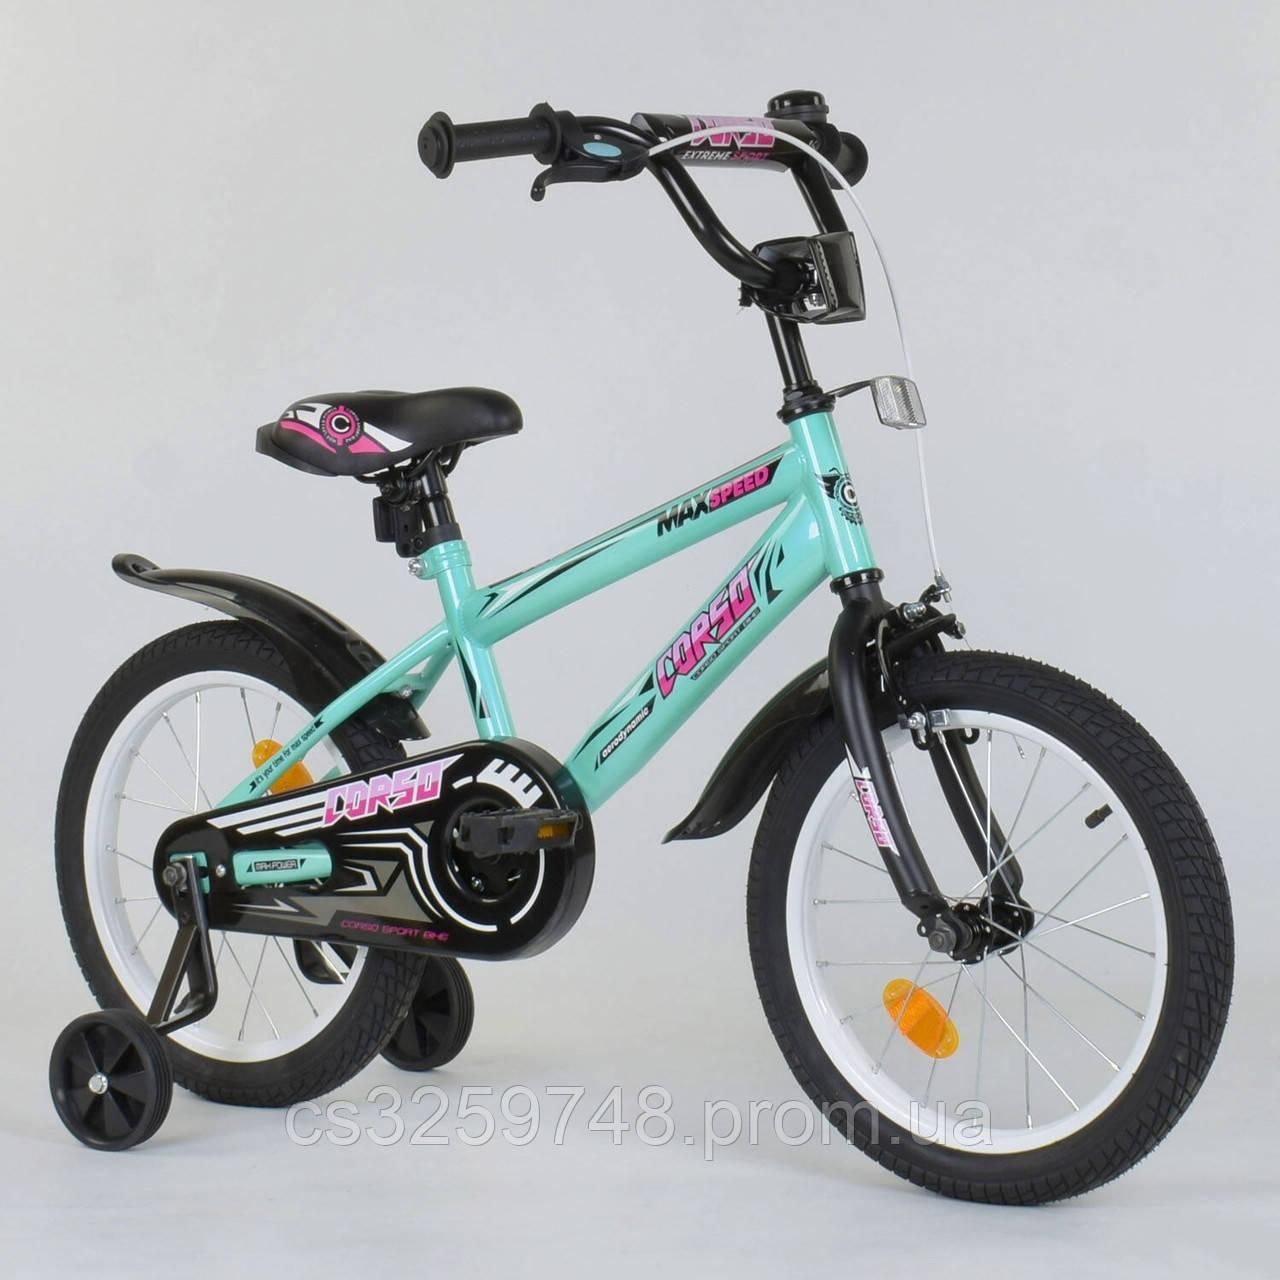 """Двухколесный детский велосипед 16"""" Corso ЕХ-16 N 5171 Бирюзовый, стальная рама, ручной тормоз"""